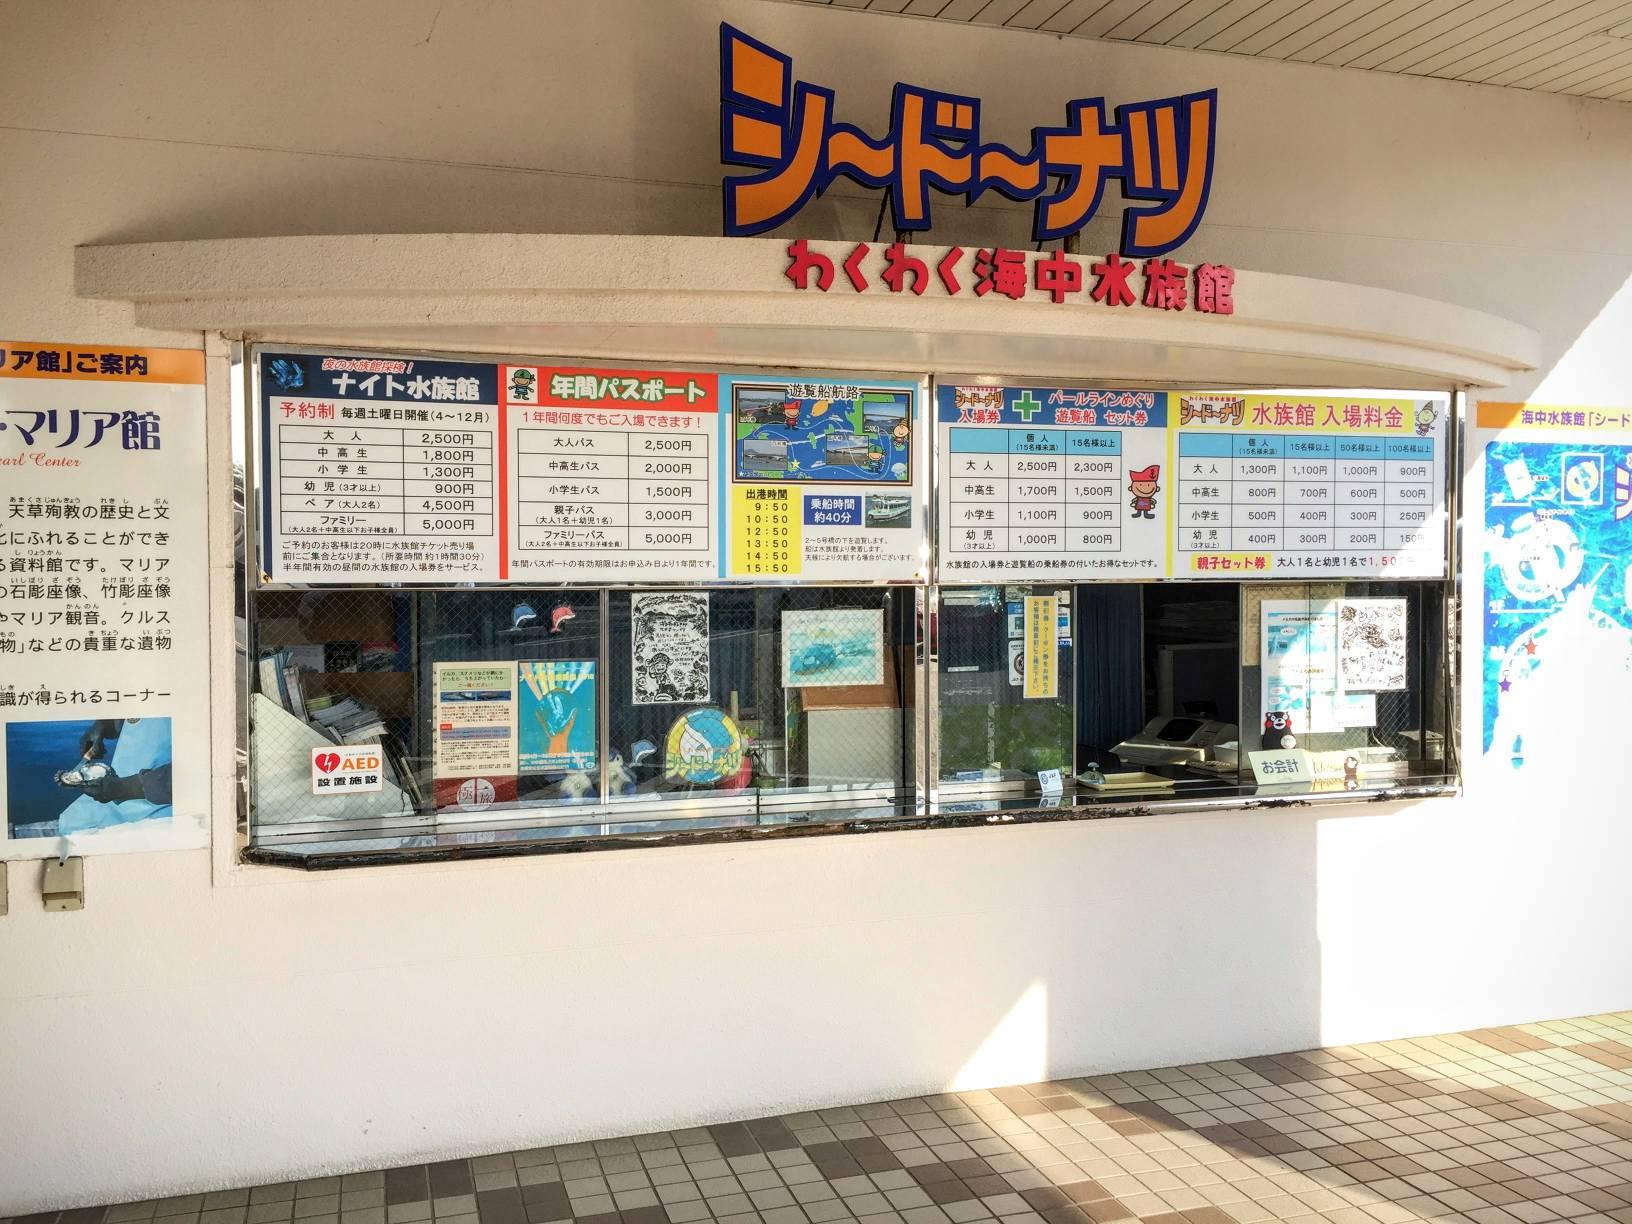 シードーナツは熊本唯一の水族館!天草のイルカも見られる!料金割引は?